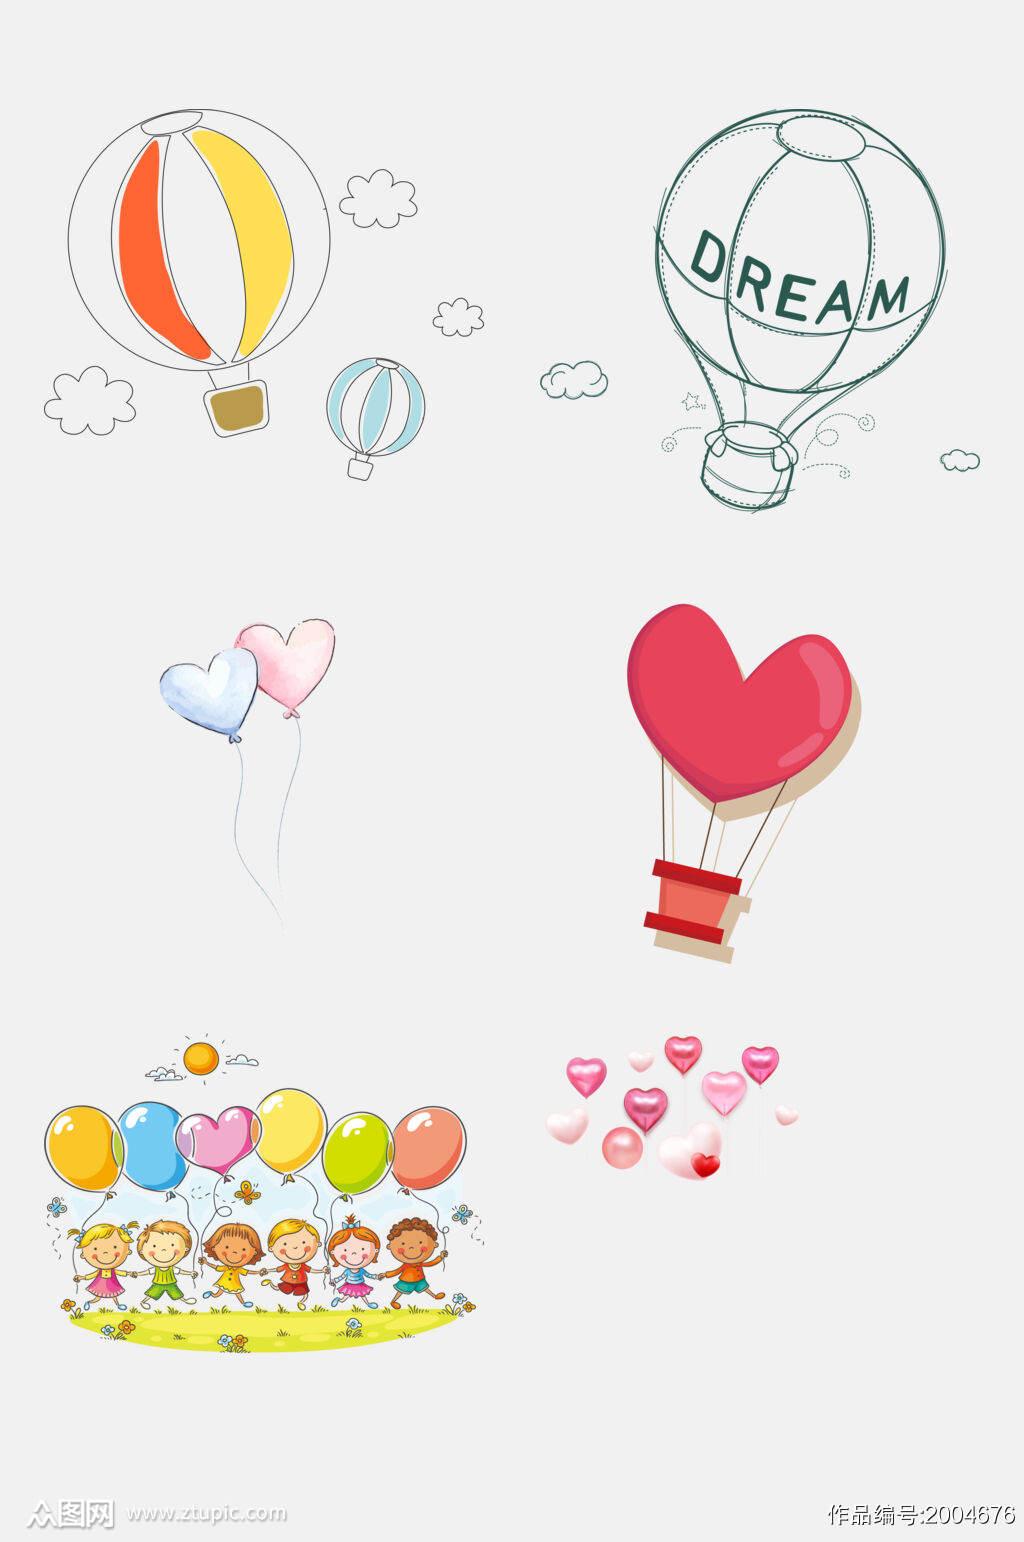 手绘创意爱心气球免抠元素素材